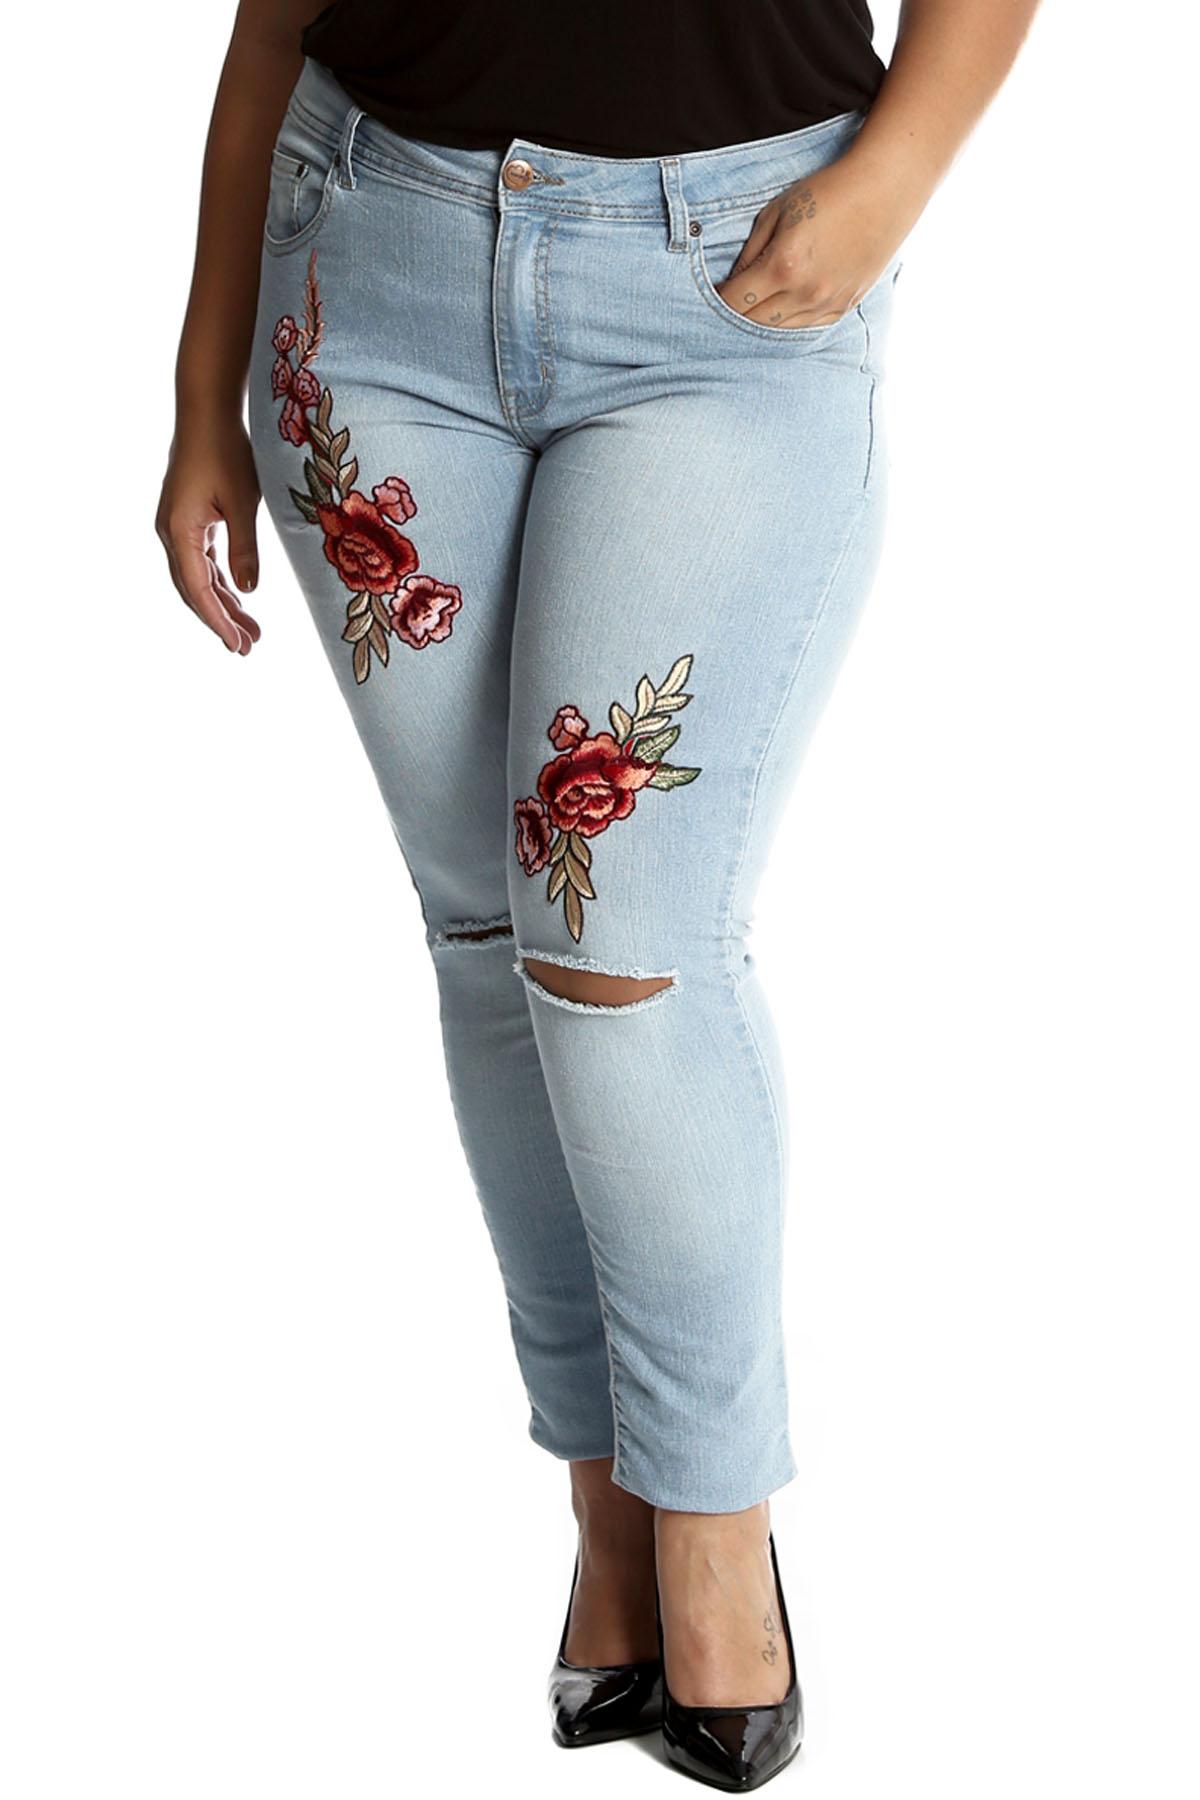 neu frauen bergr e jeans damen hose floral bestickt pant. Black Bedroom Furniture Sets. Home Design Ideas